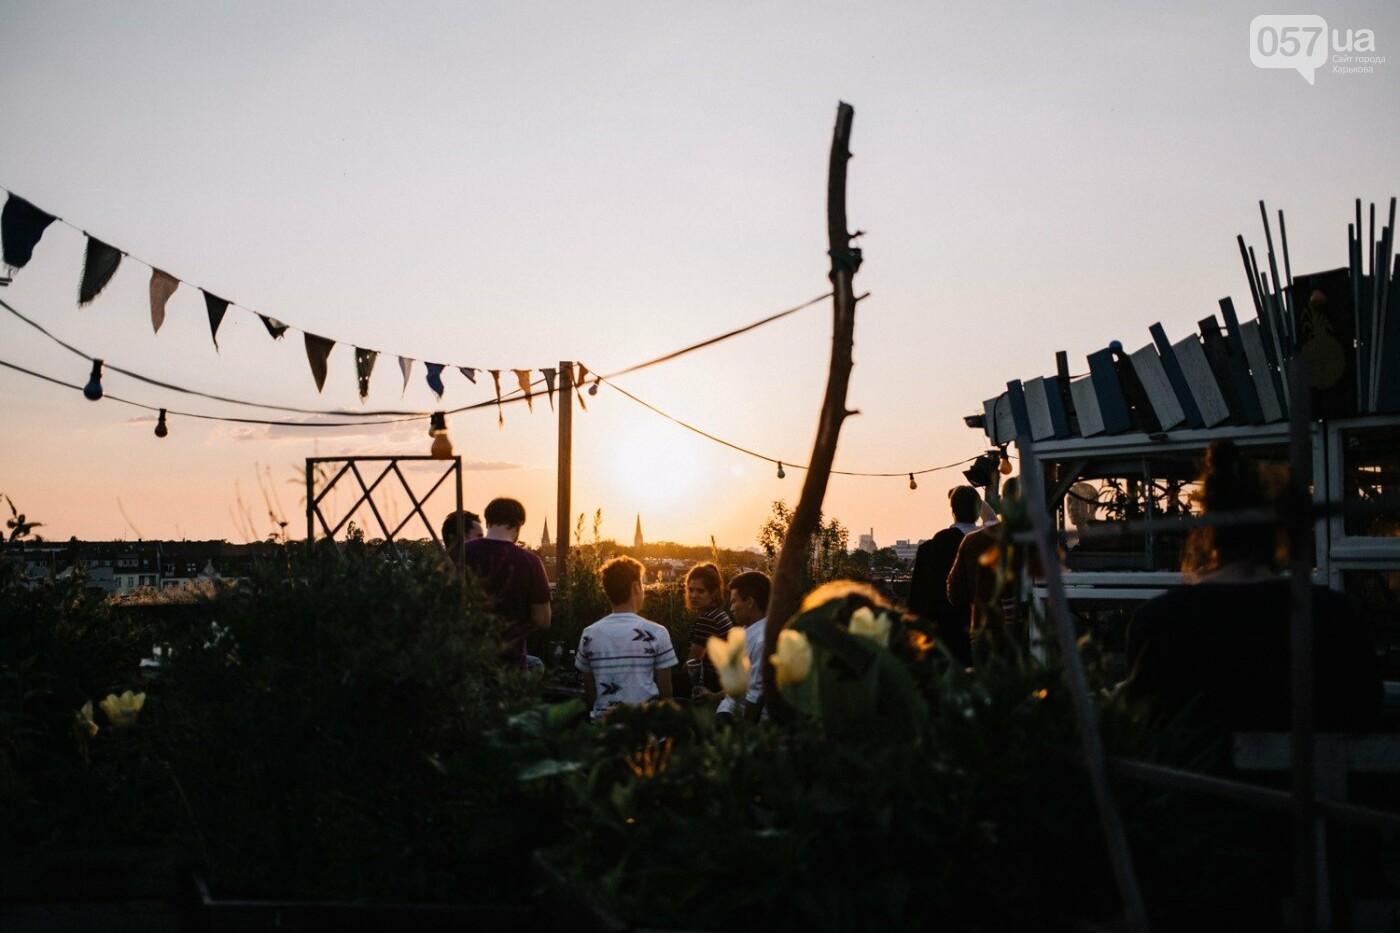 Из Харькова в Берлин: что посмотреть, где попробовать немецкую сосиску и в каком месте сделать крутое селфи, - ФОТО, фото-7